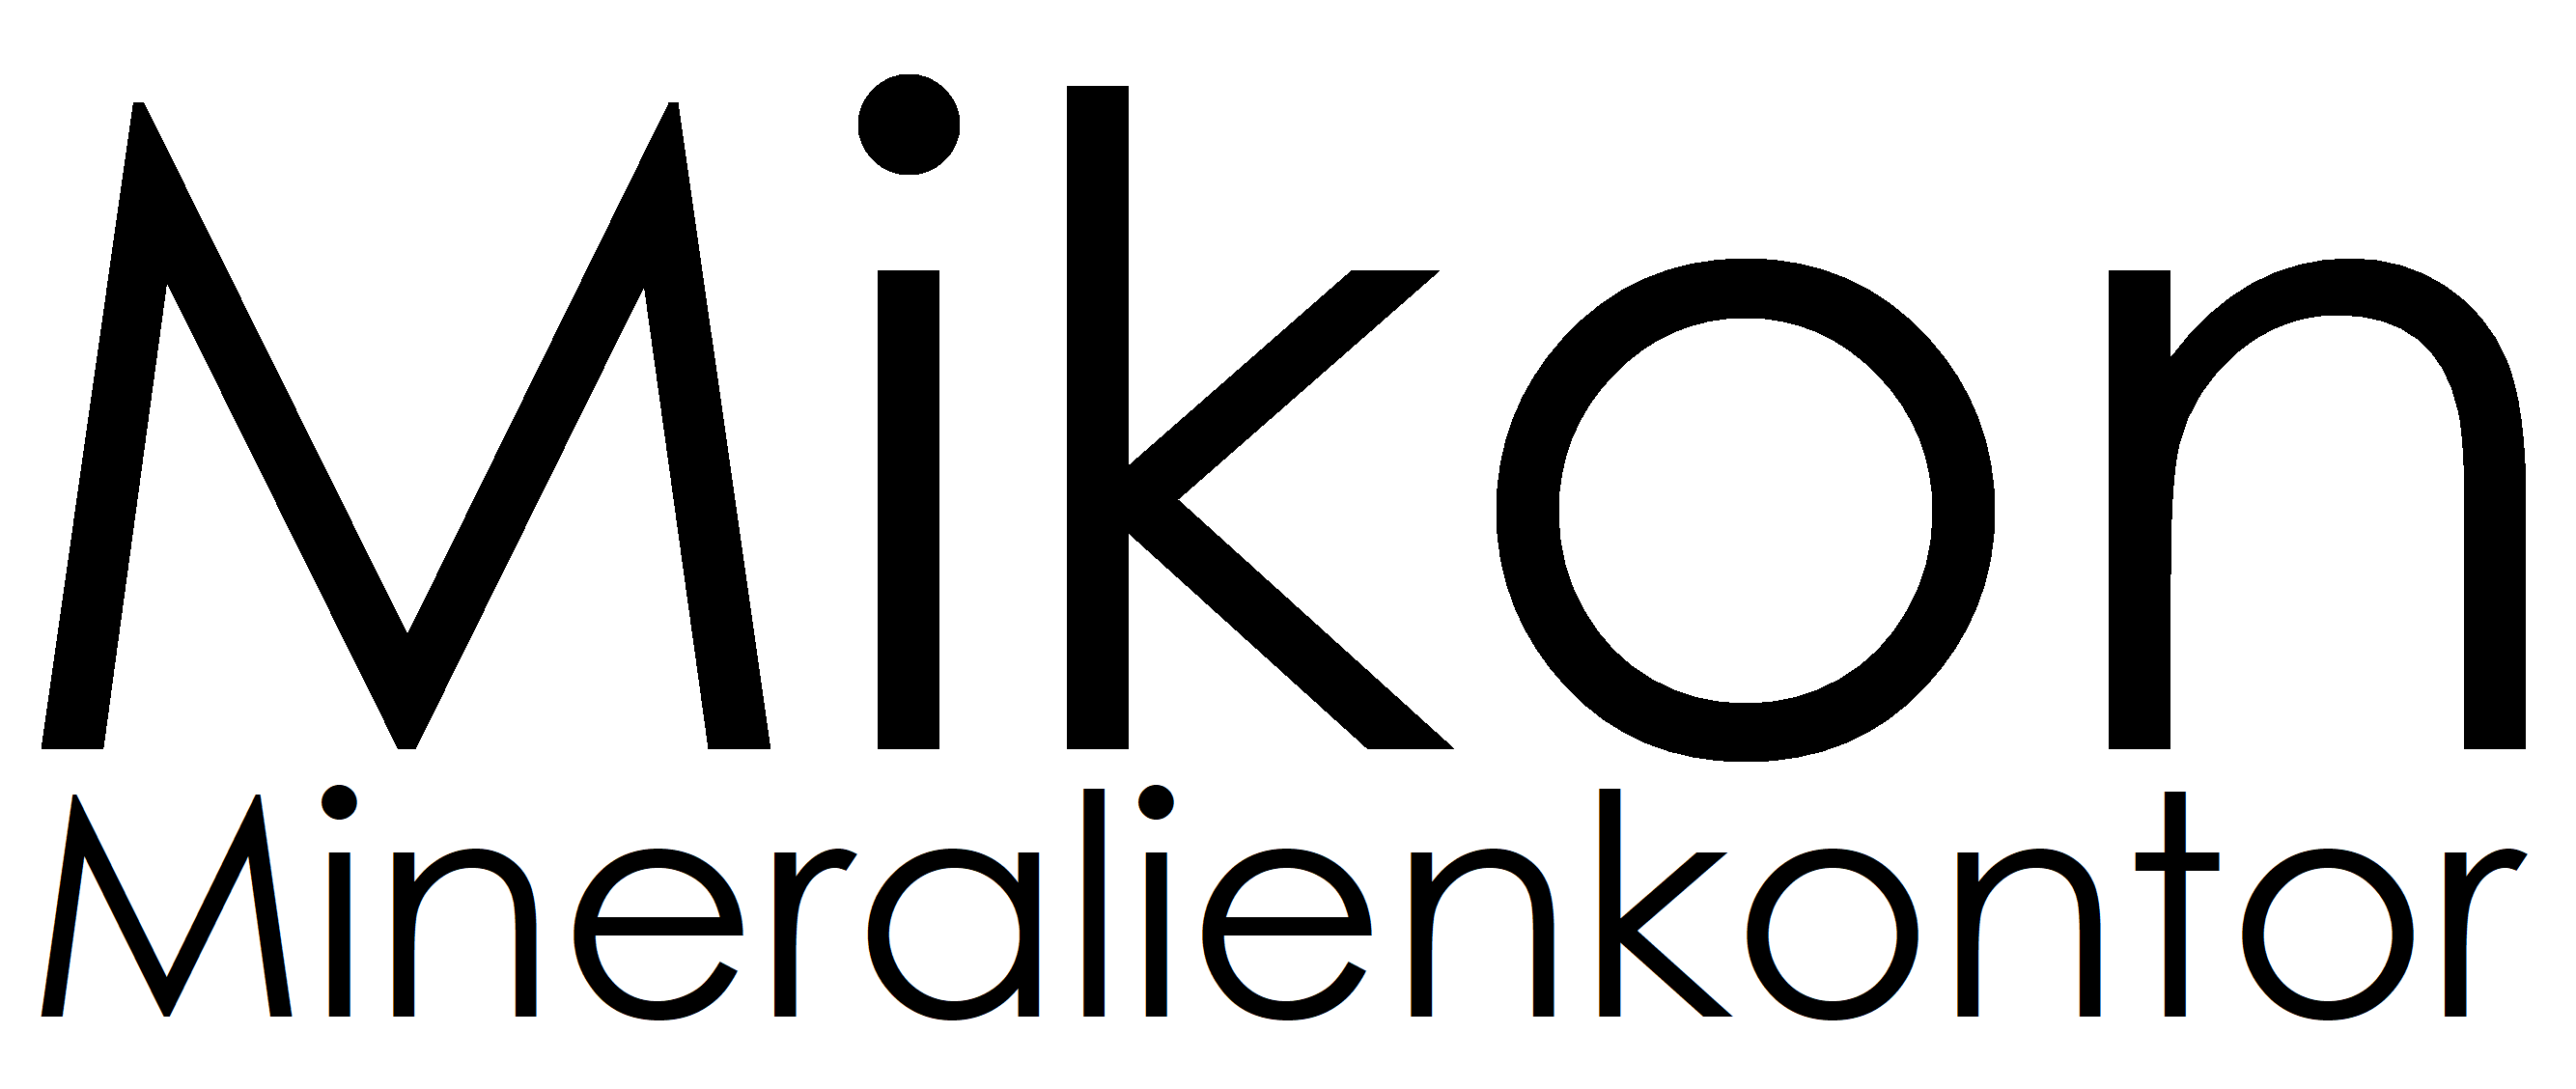 Mikon Mineralienkontor